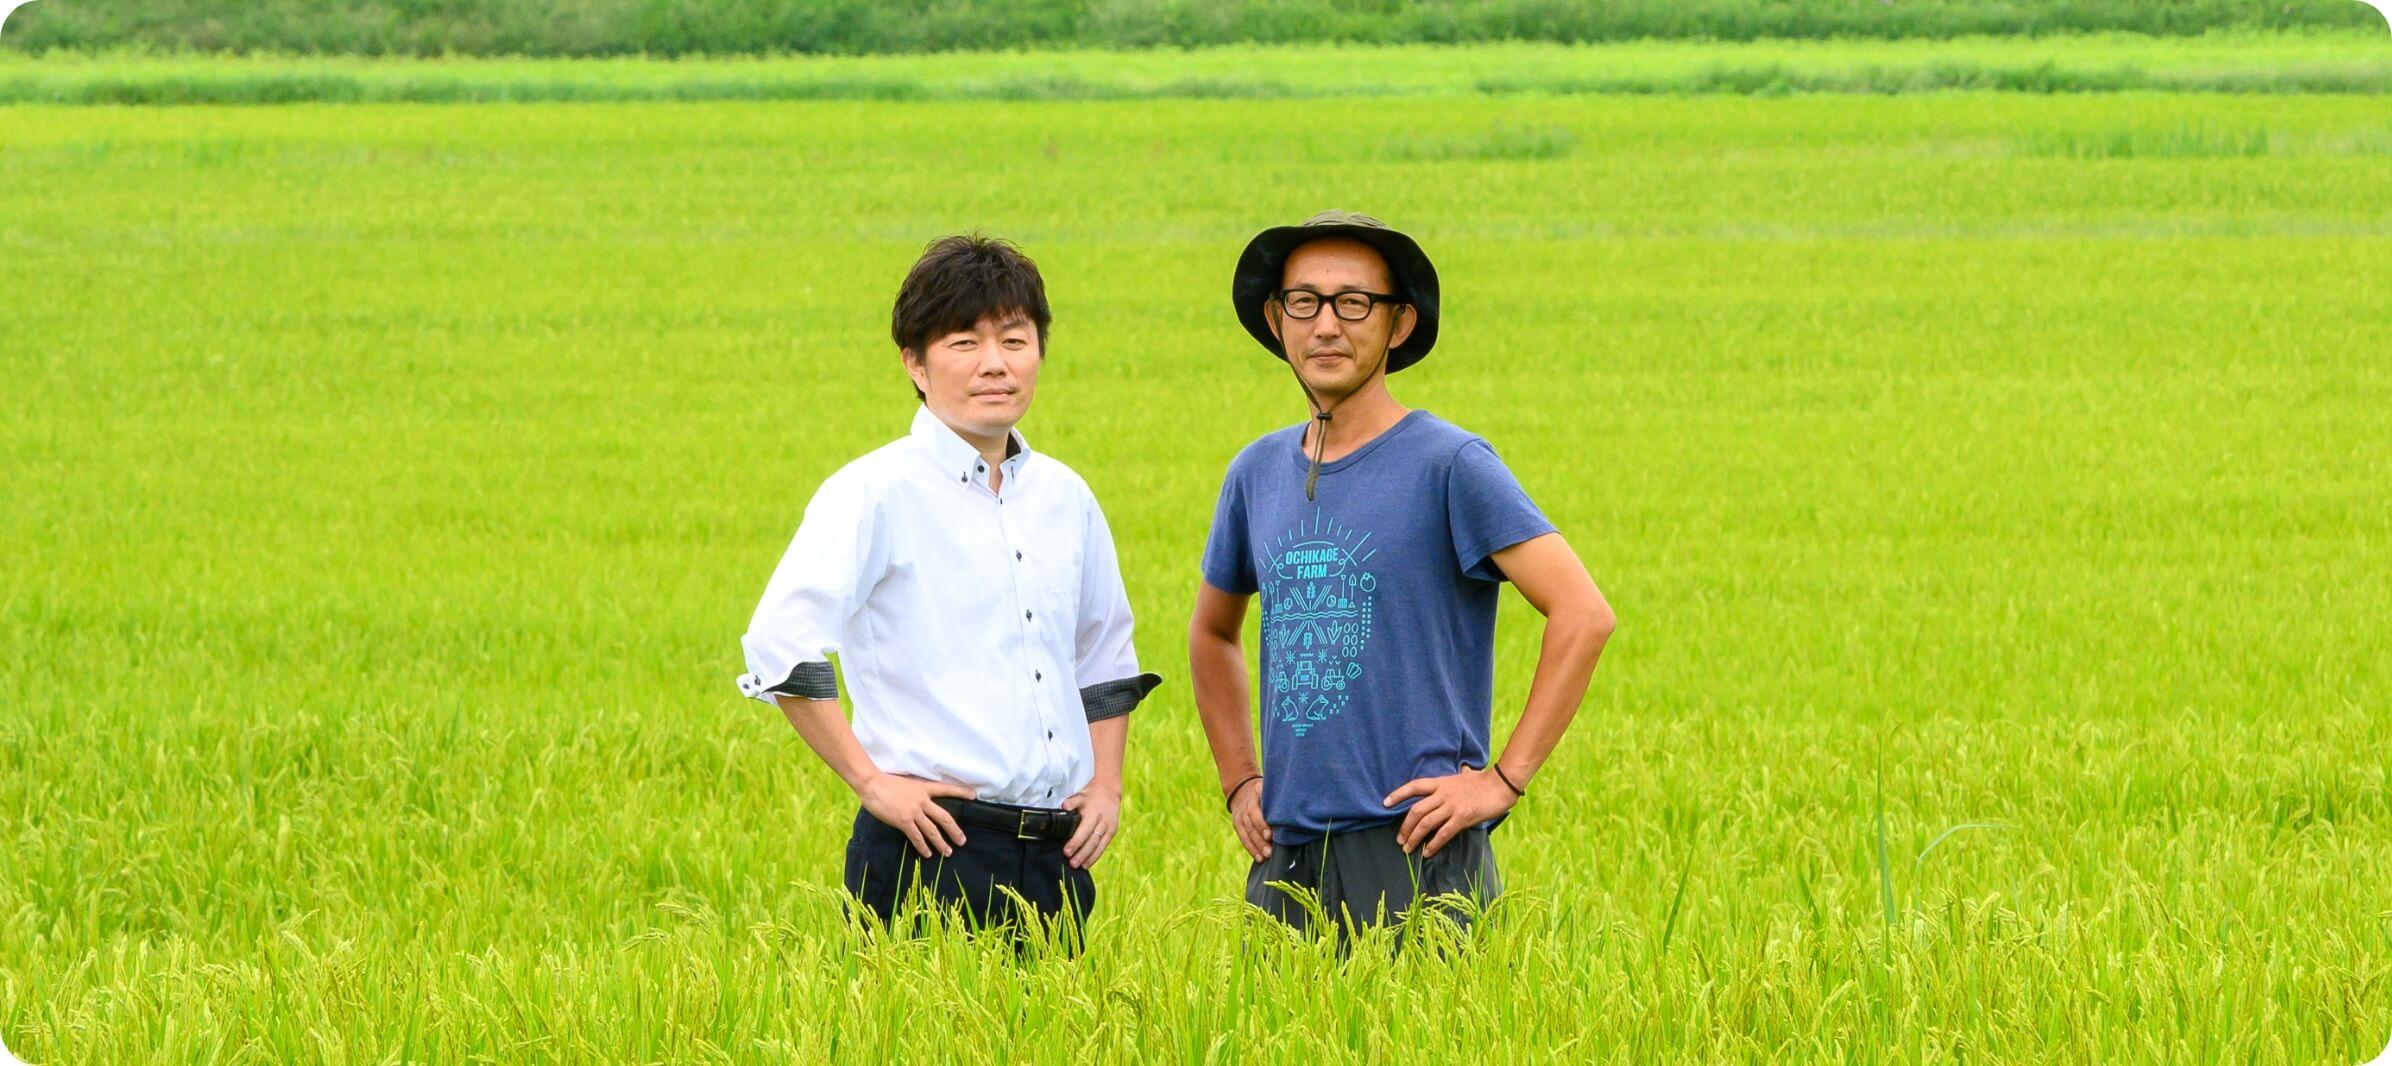 おいしい長野米を届けるベイクックの特長